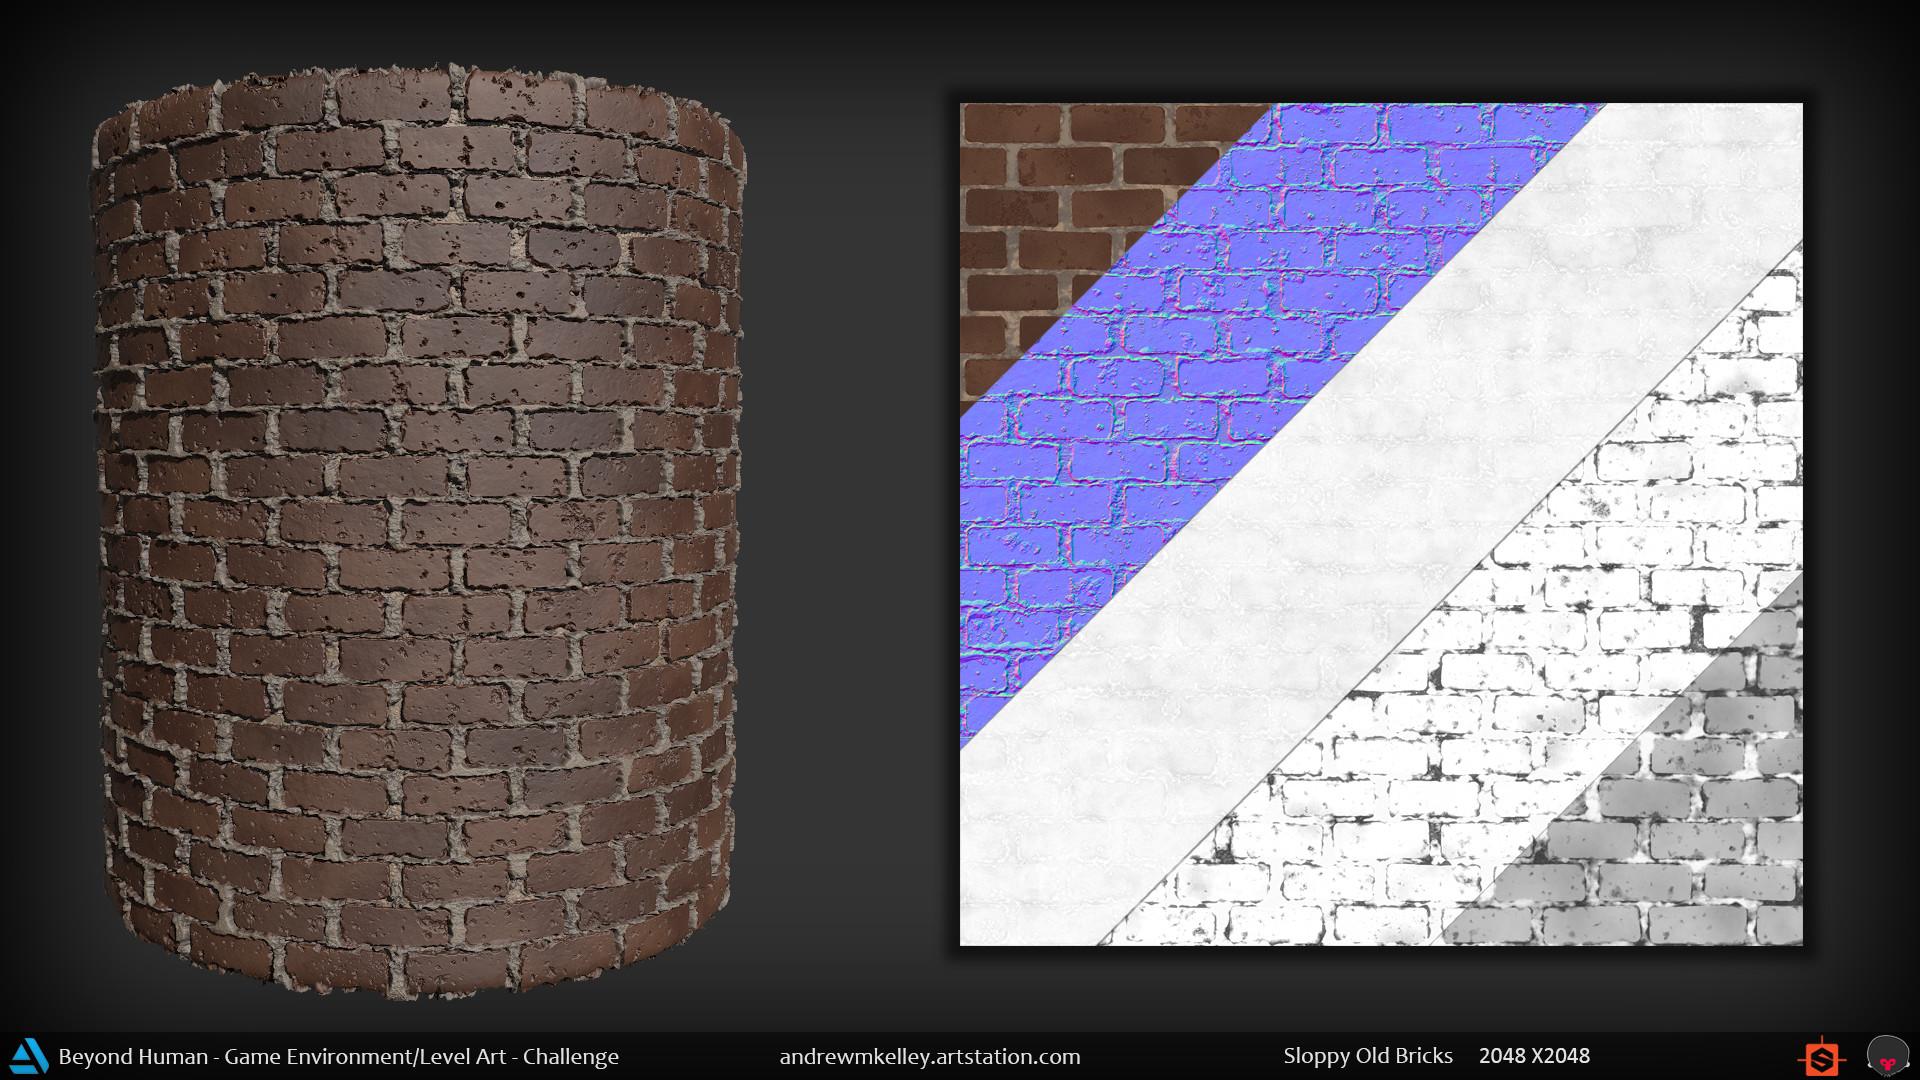 Andrew kelley materialshot bricks01